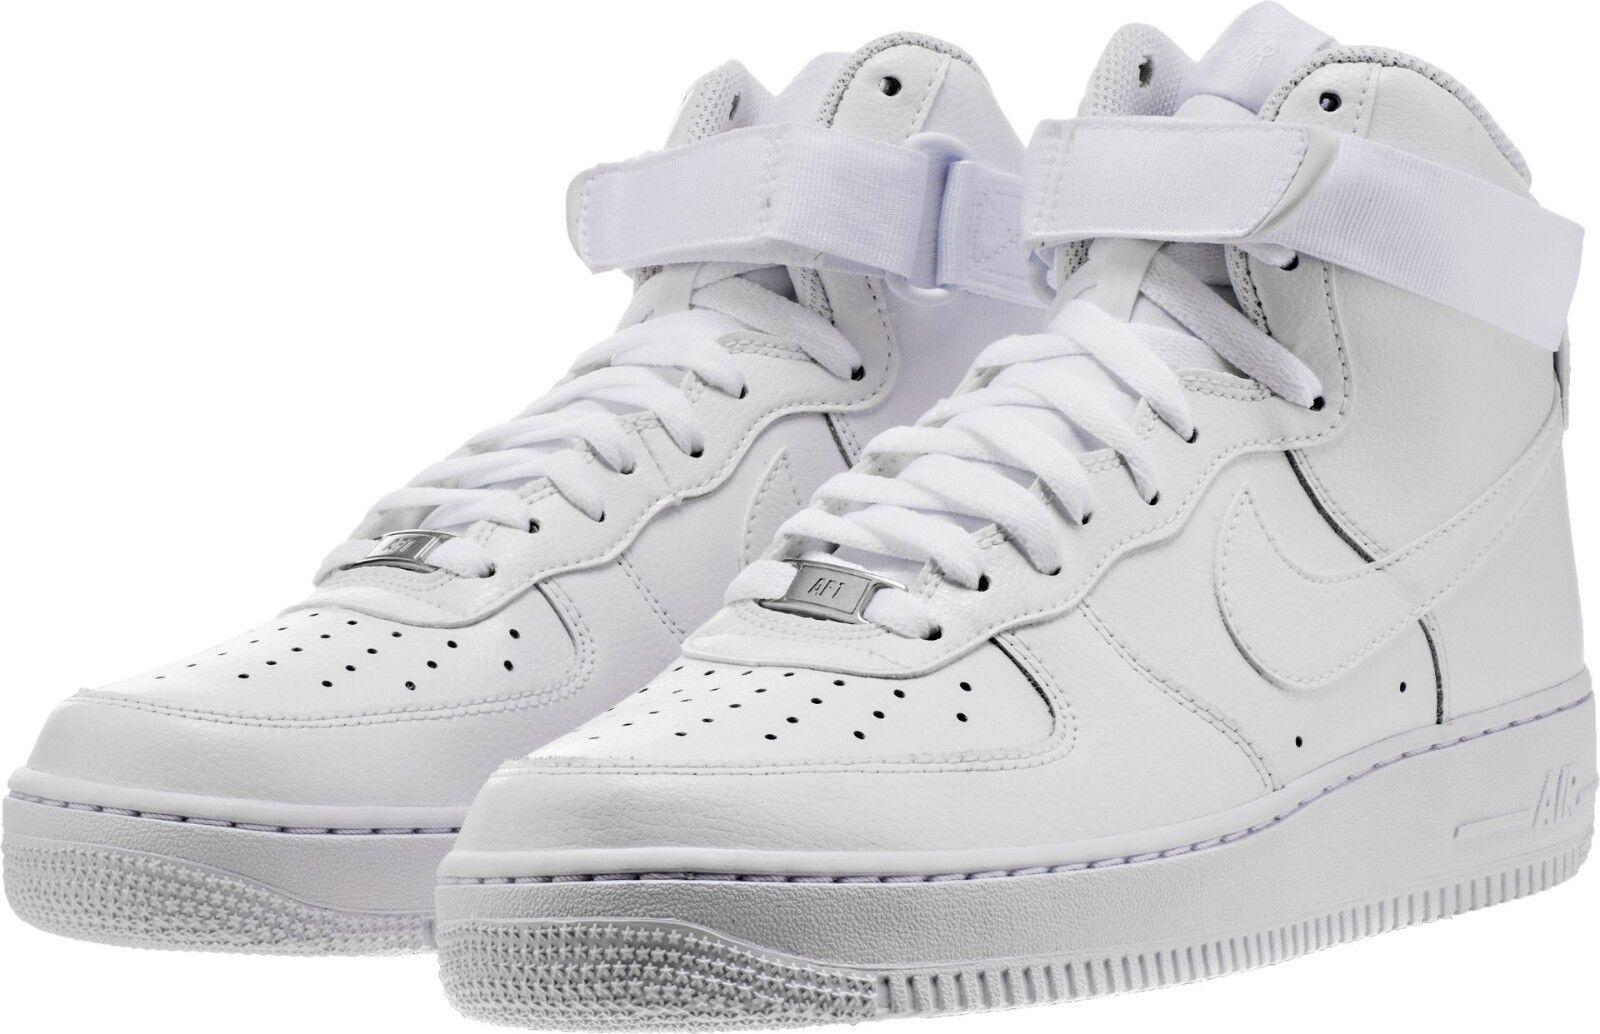 Men's Nike Air Force 1 High '07 Lifestyle White White Sizes 8-12 NIB 315121-115